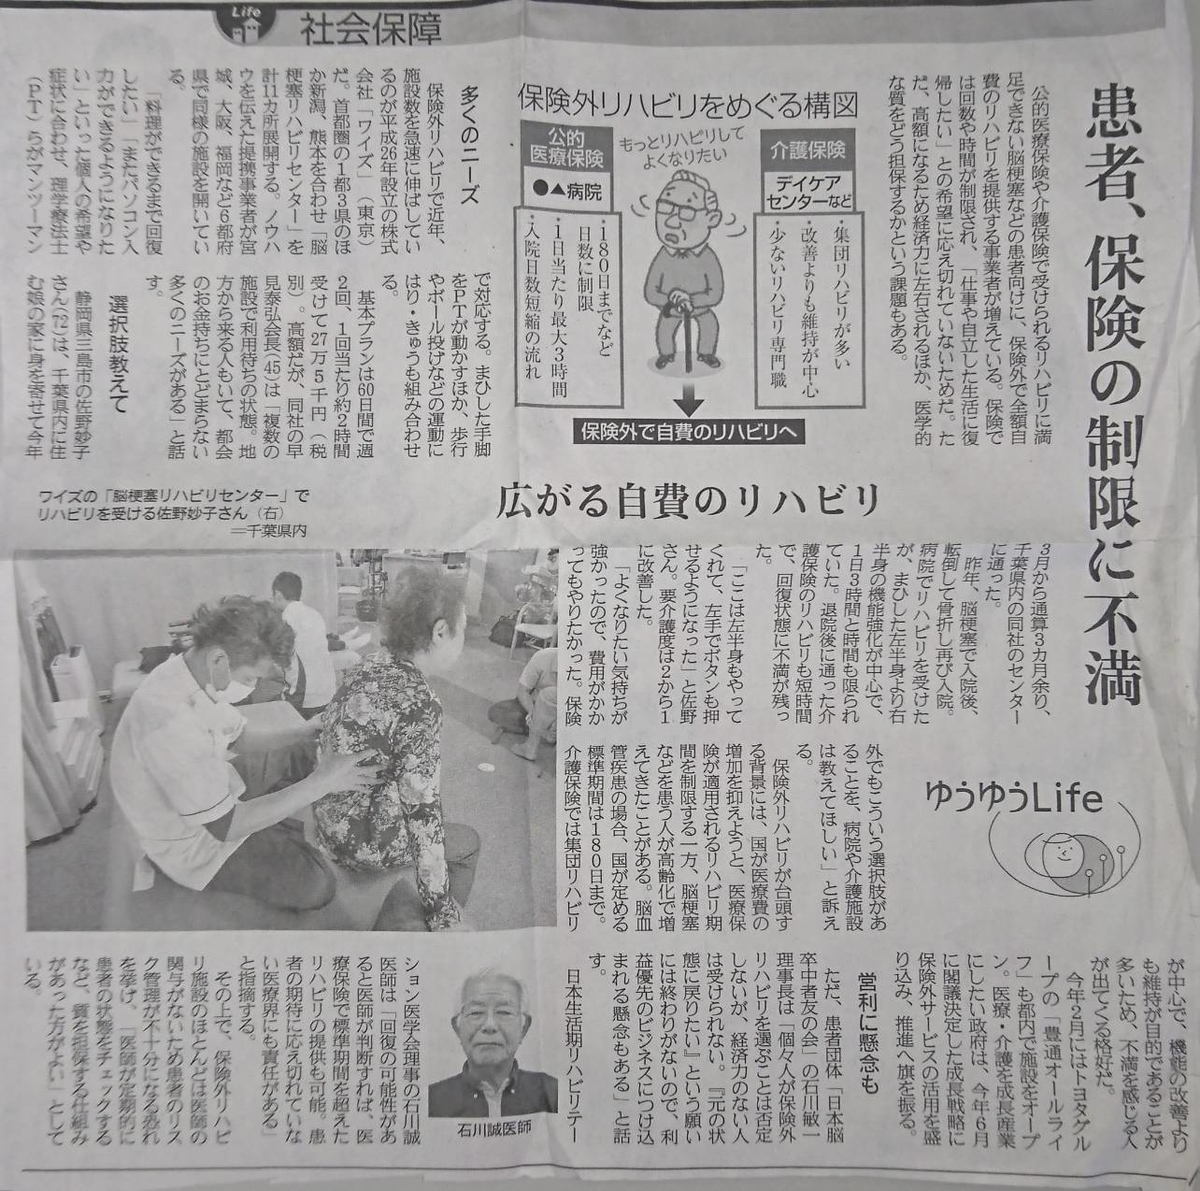 f:id:kazura-kobayashi:20200514104757j:plain